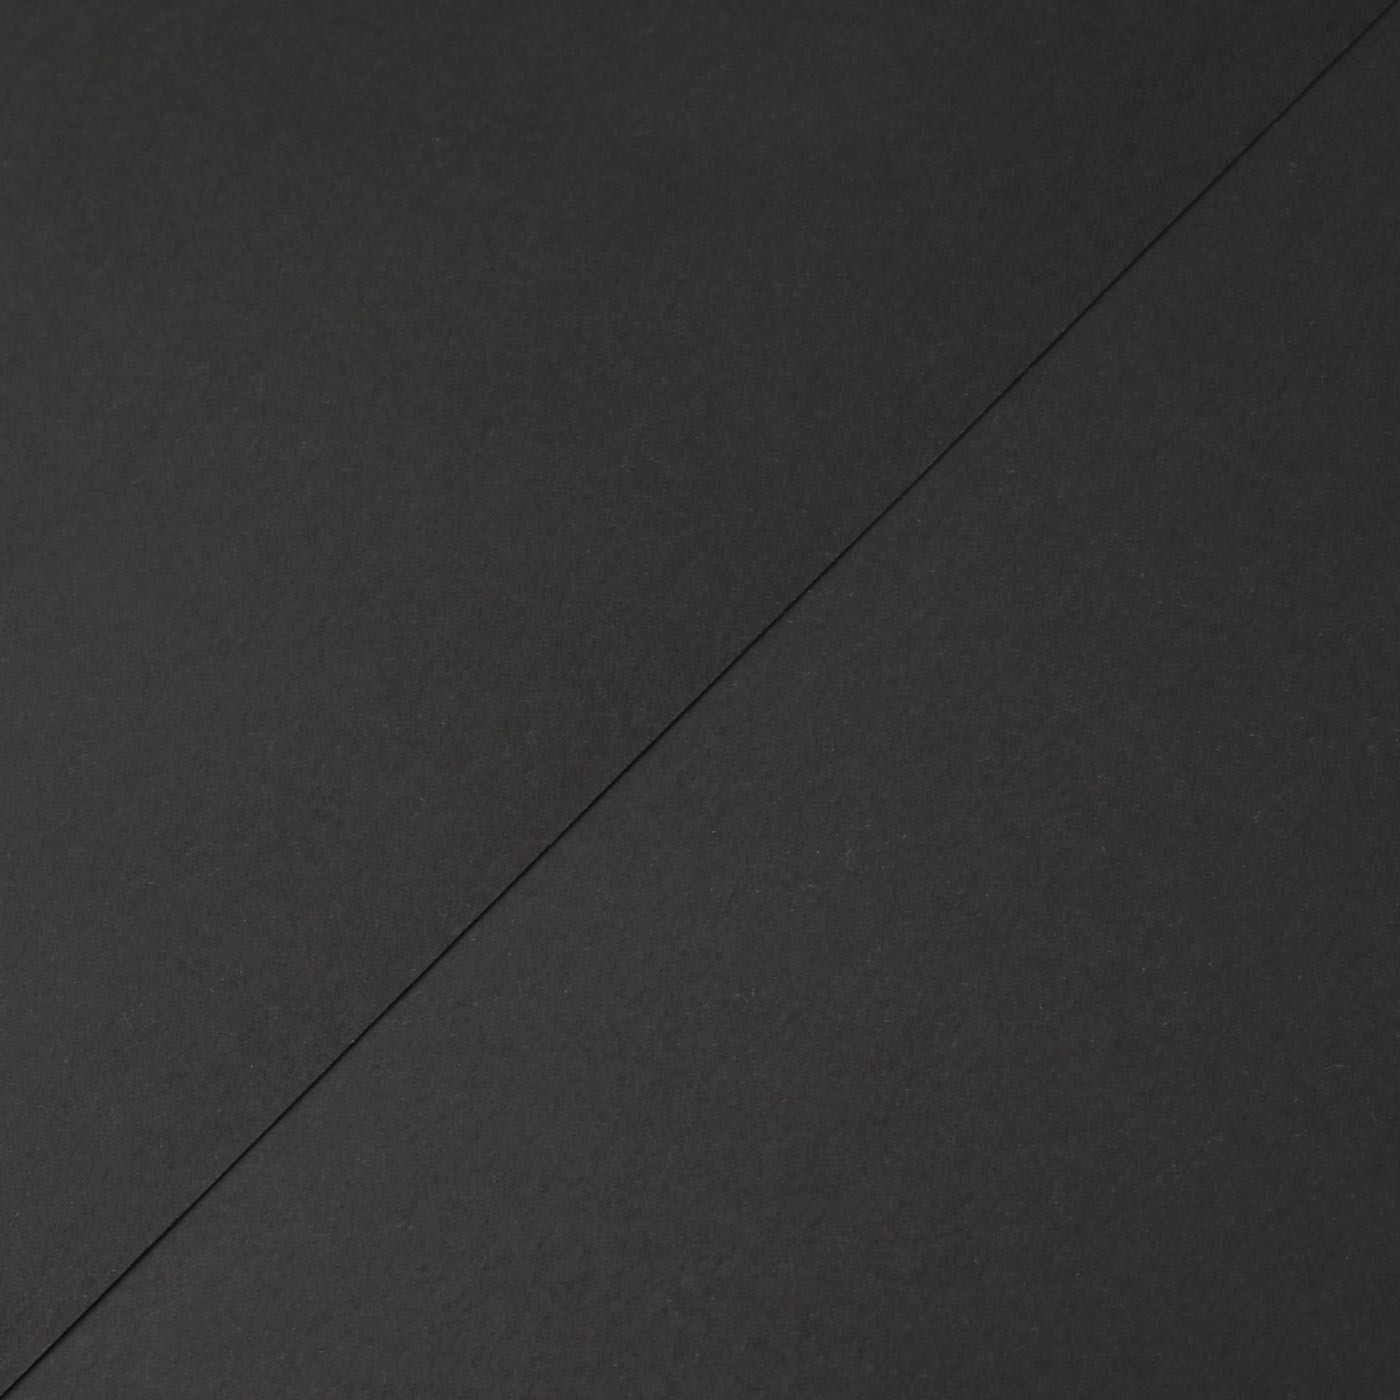 کاغذ سیاه A4 مدل Black Note